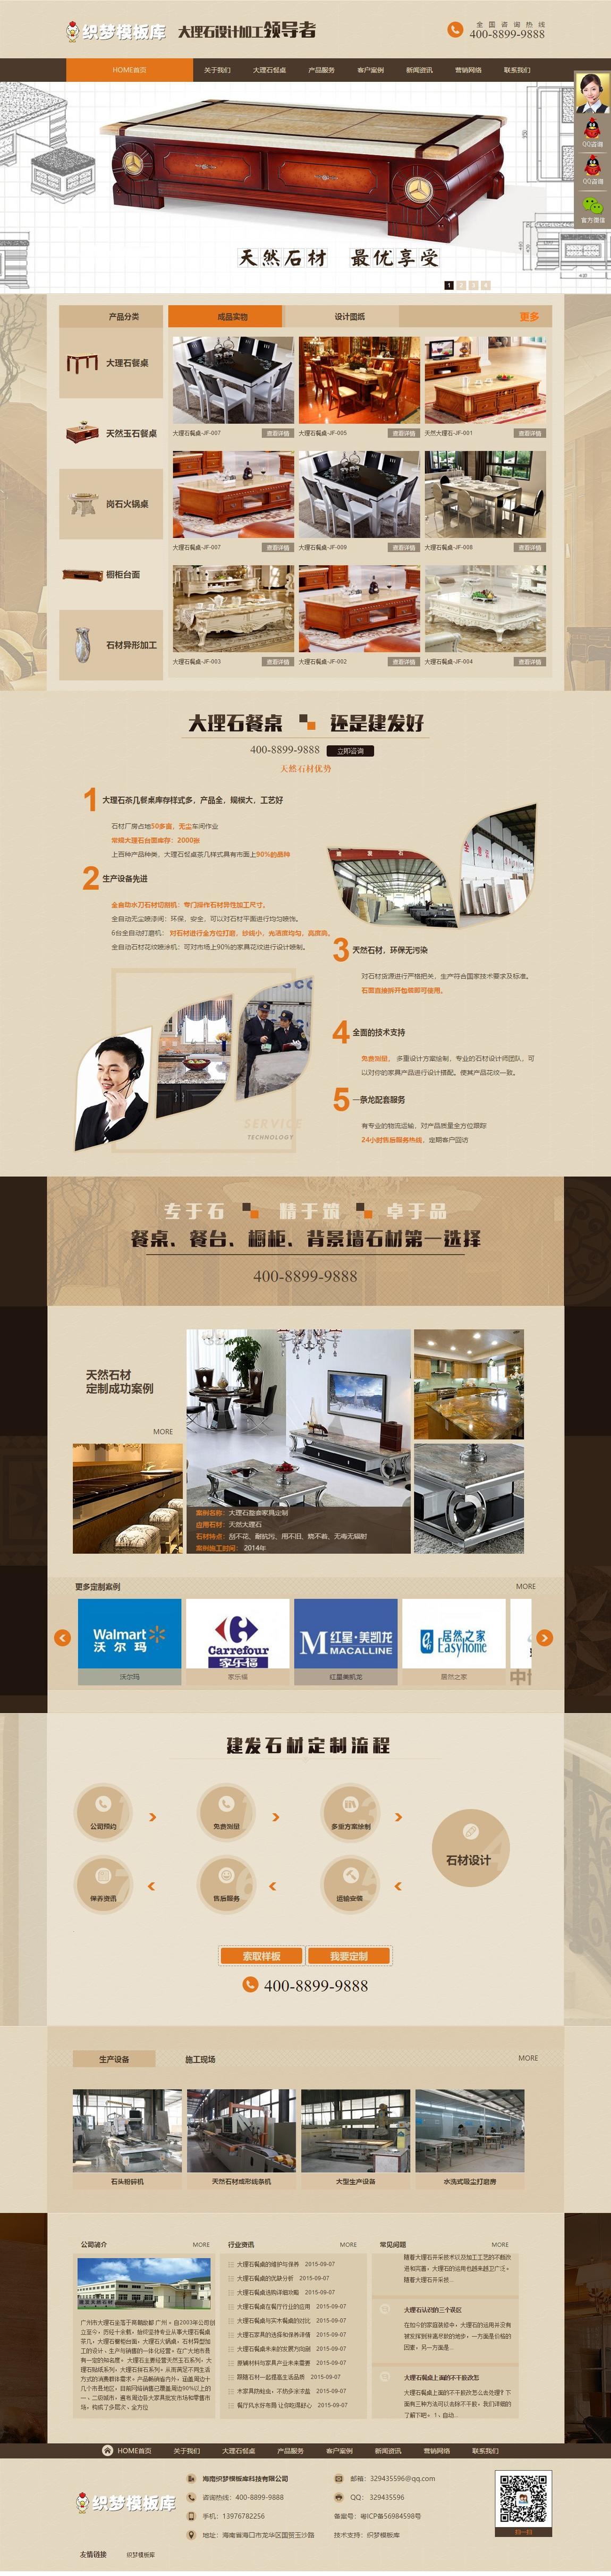 建材石材装修室内装饰类企业演示截图